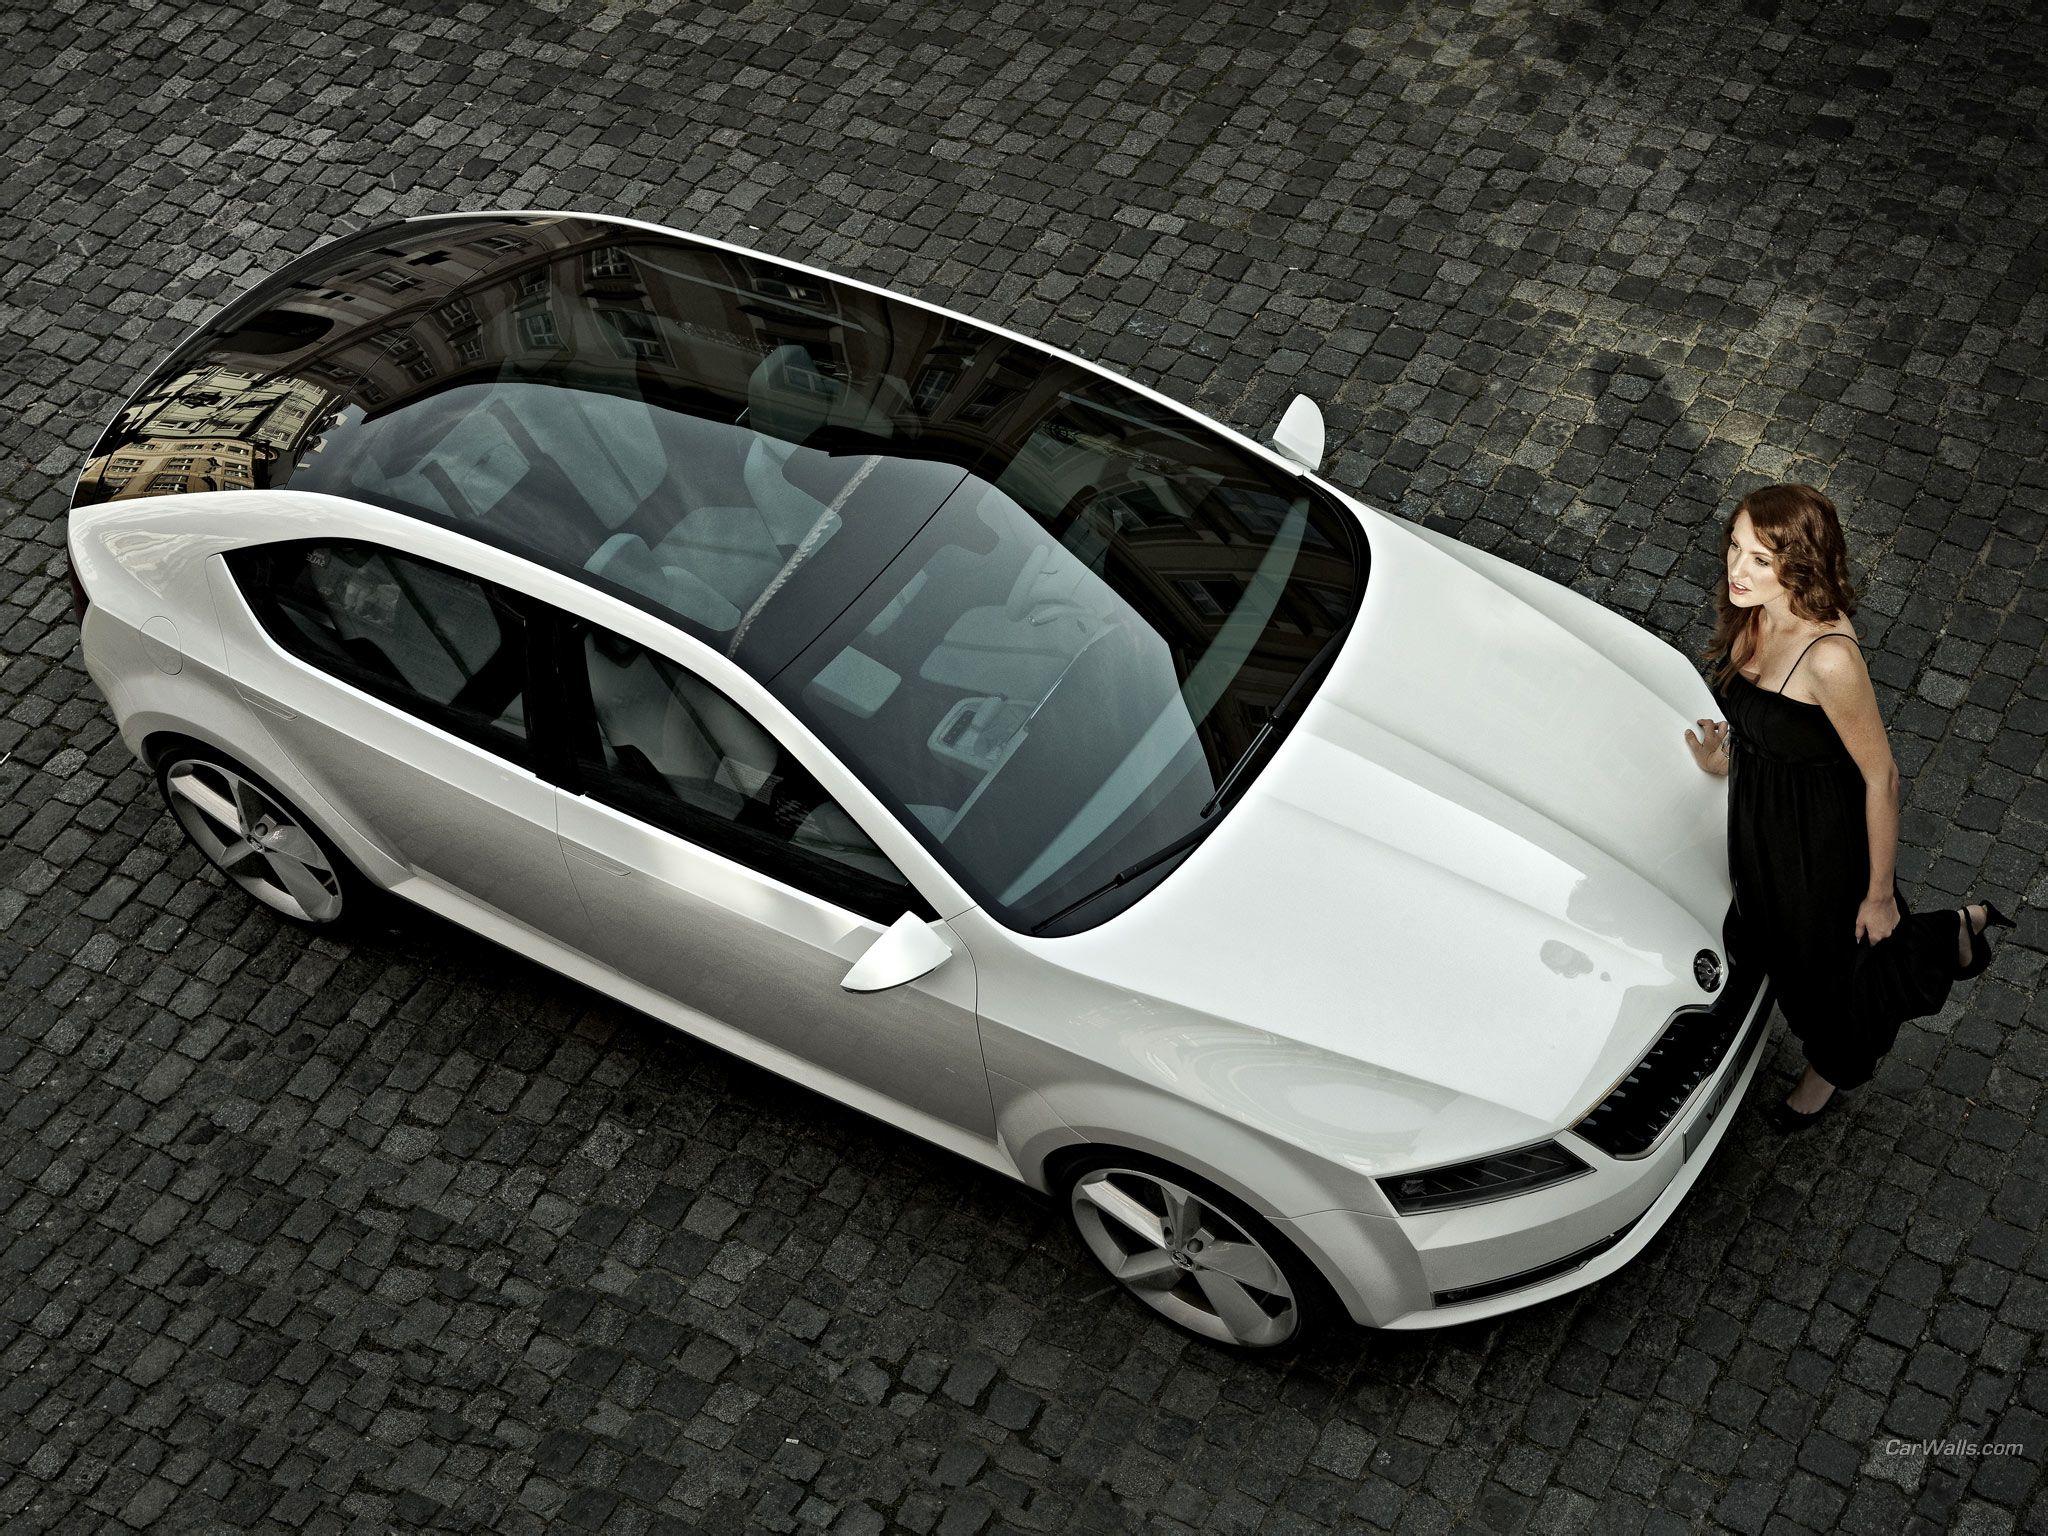 求汽车图片高清素材。最好以著名建筑为背景, 或以汽车为主有车模的图片 百度知道